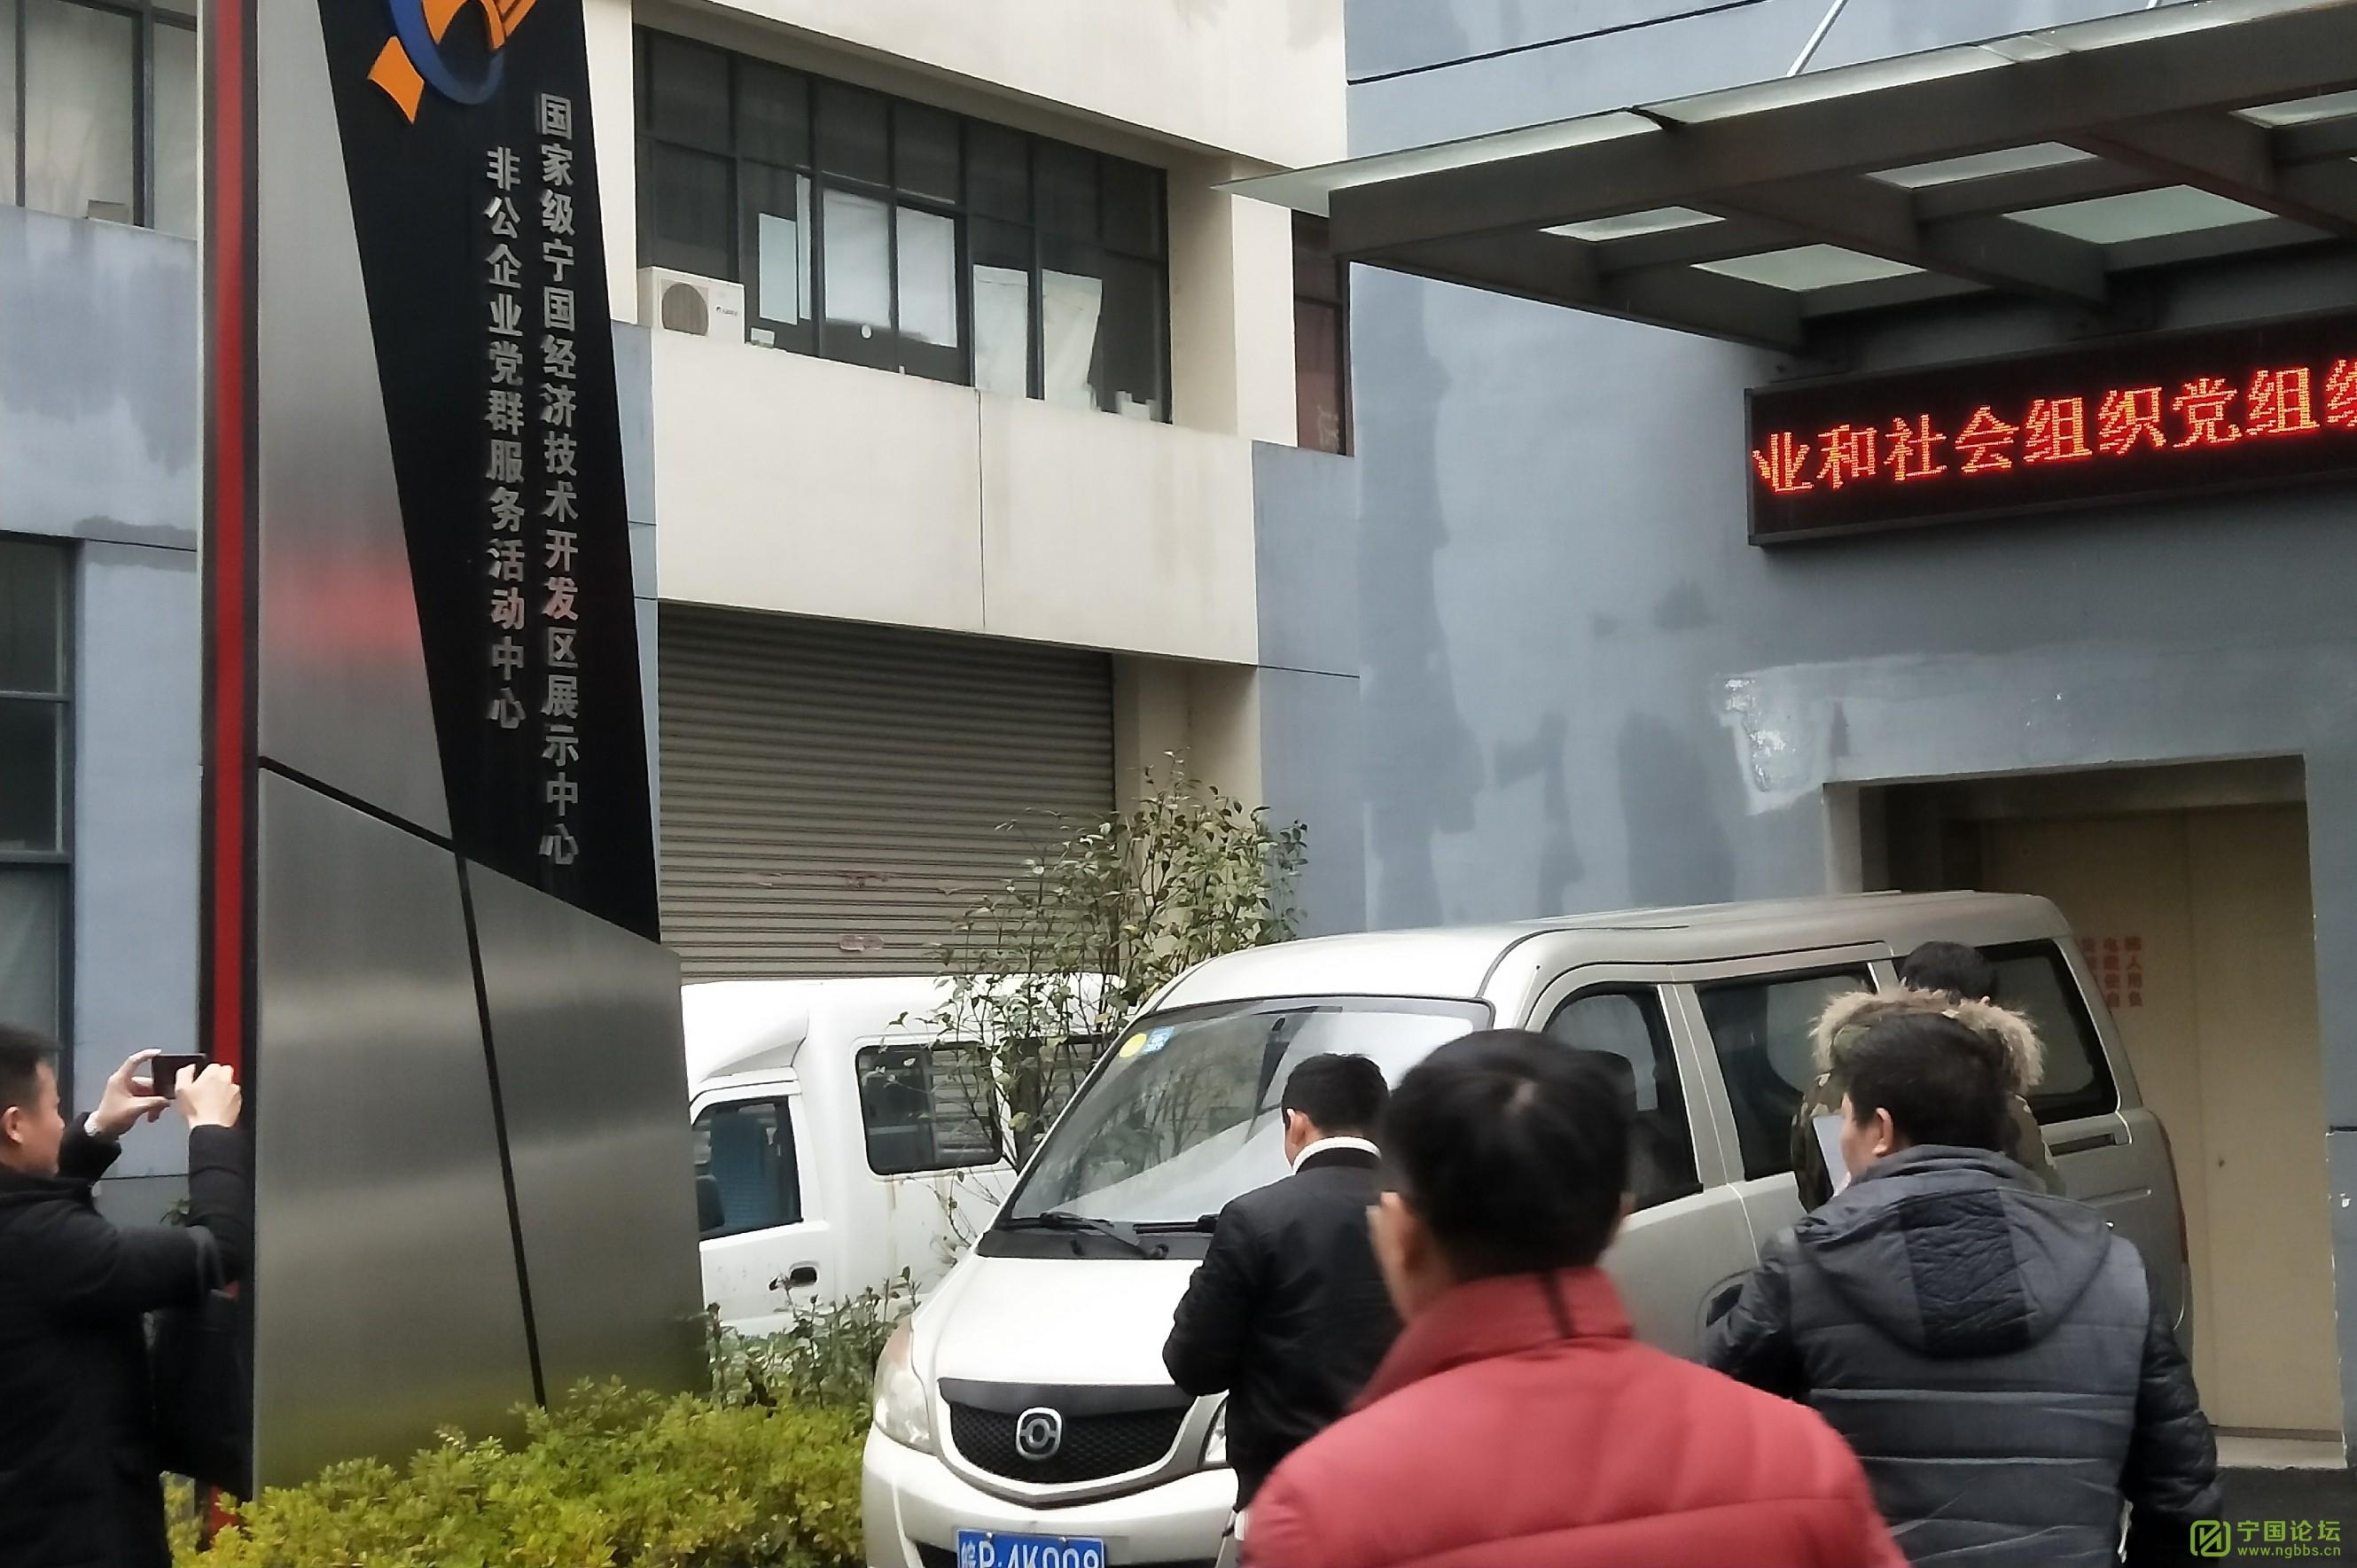 宁国开发区党建参观之旅 - 宁国论坛 - IMG_20181213_151216.jpg